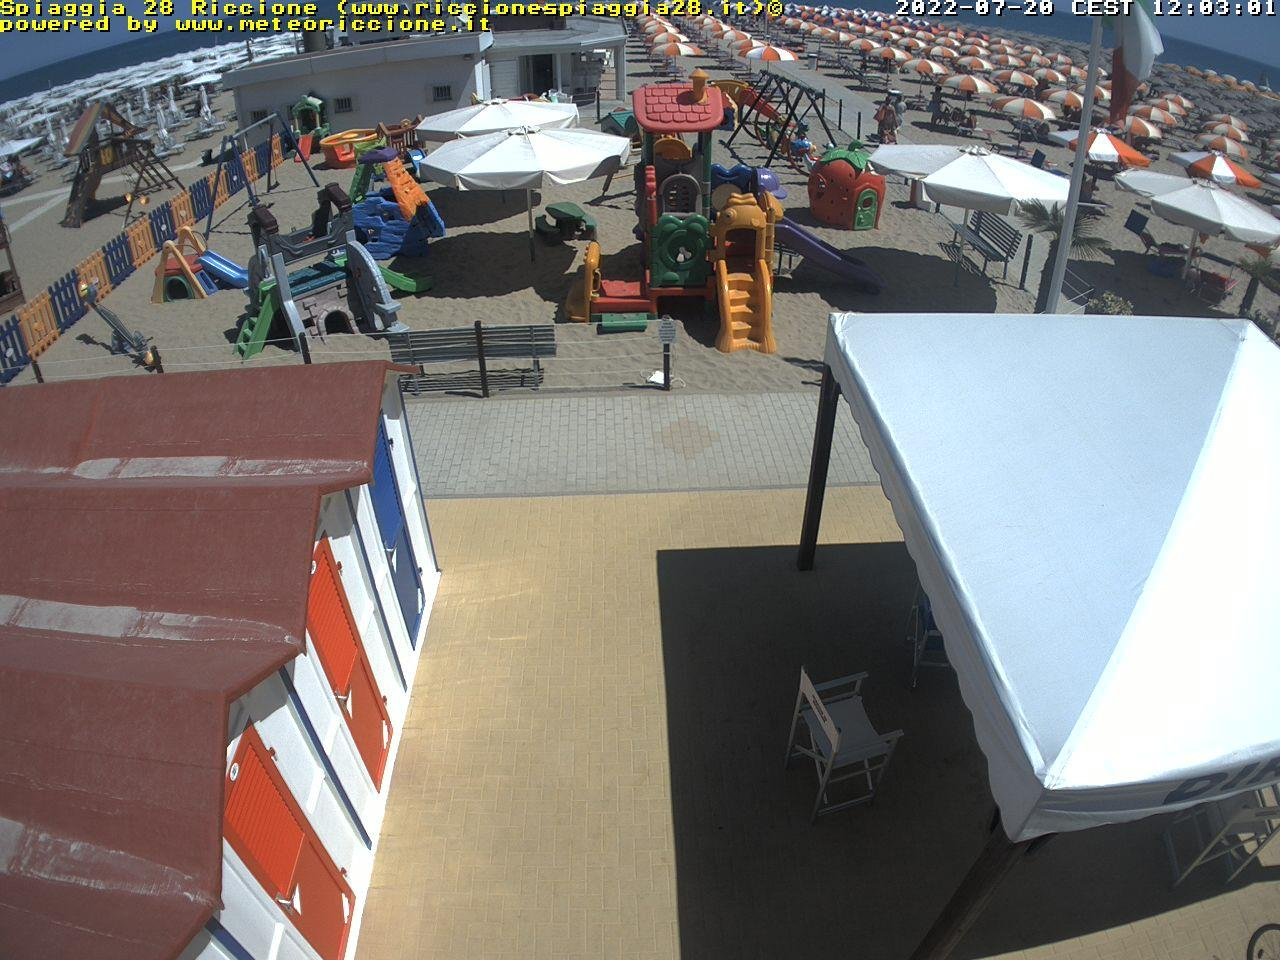 http://www.meteoriccione.it/webcam.ashx?id=56&type=hr&cliente=sp28